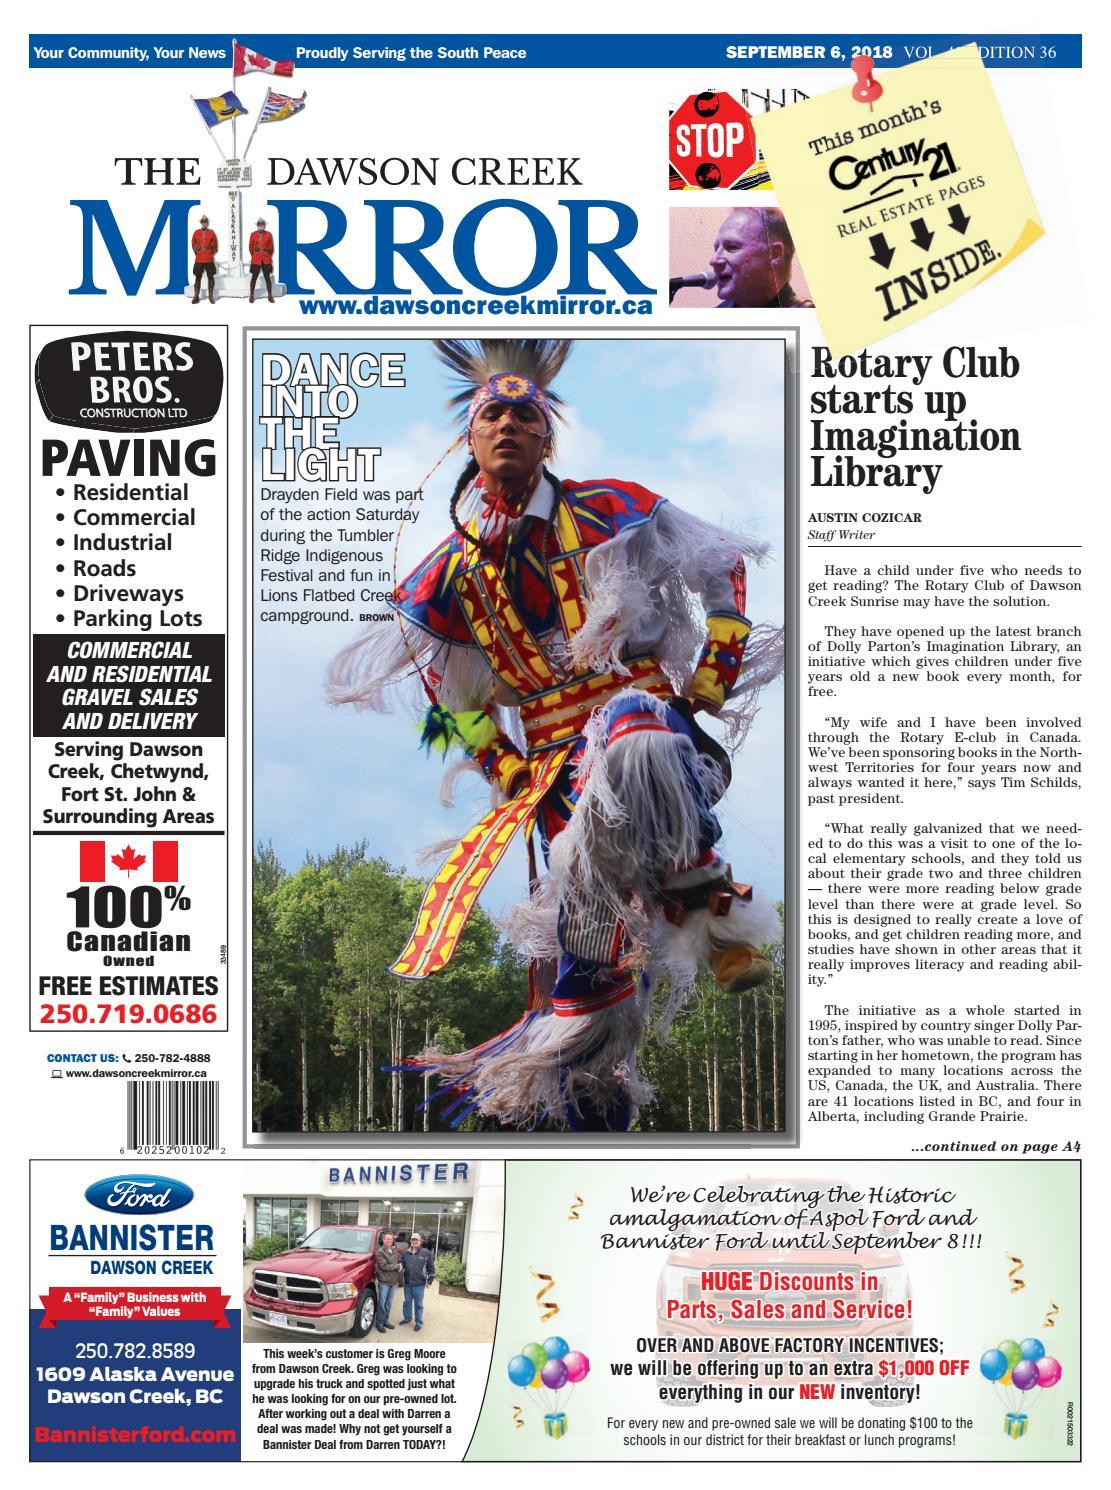 Dawson Creek Mirror 2018-0906